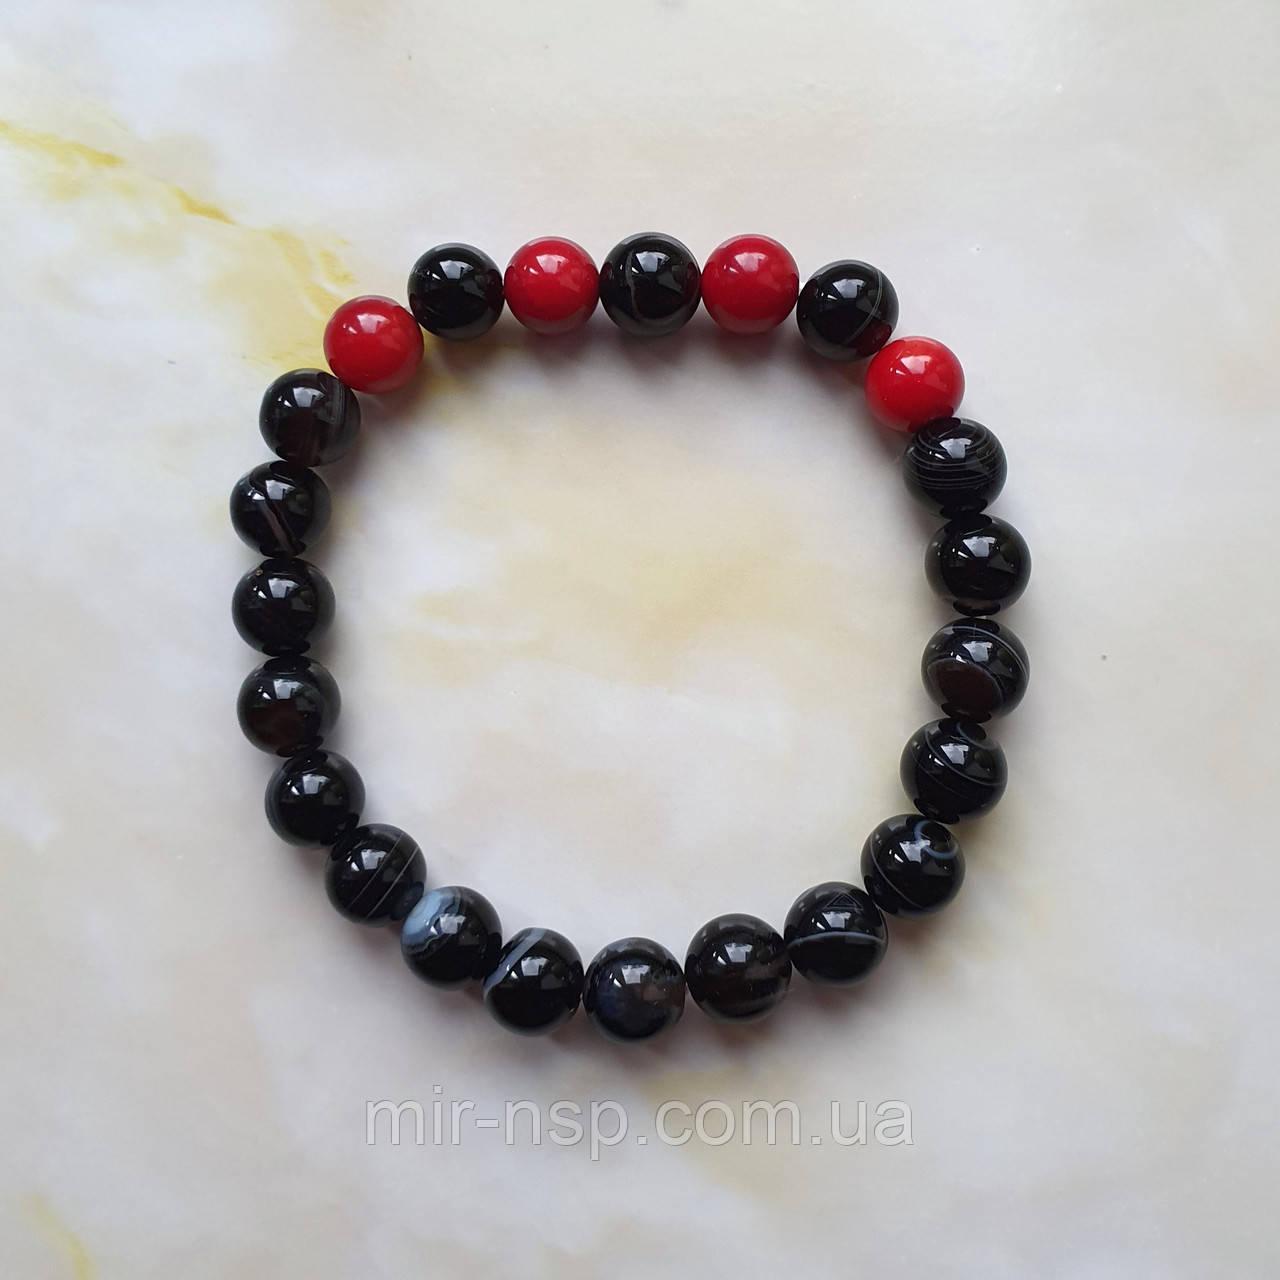 Браслет натуральные черный агат и красный коралл 8 мм вес 18г